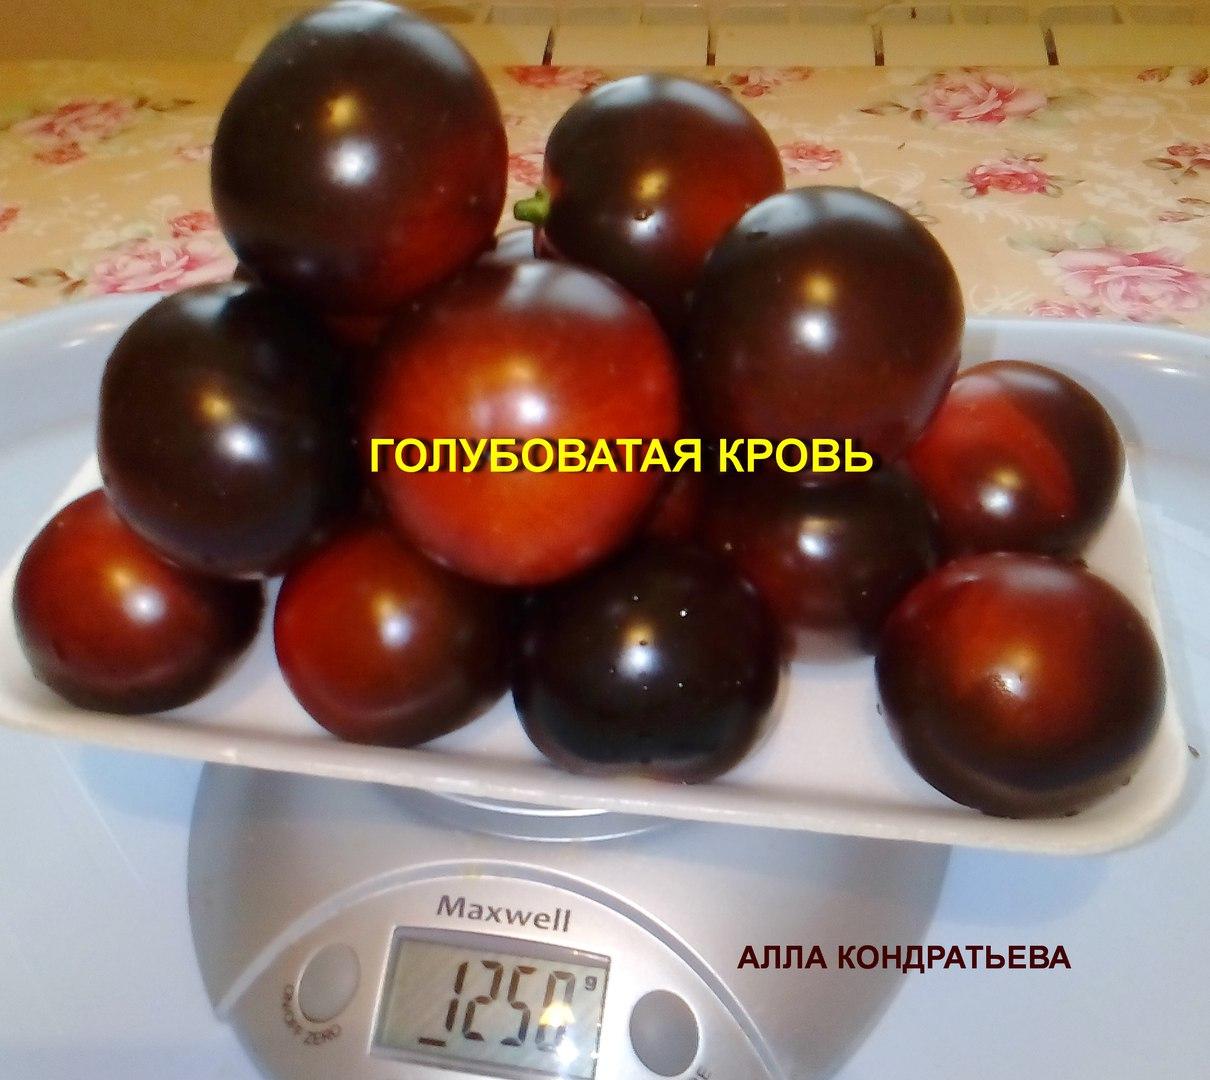 tomat-golubovataya-krov